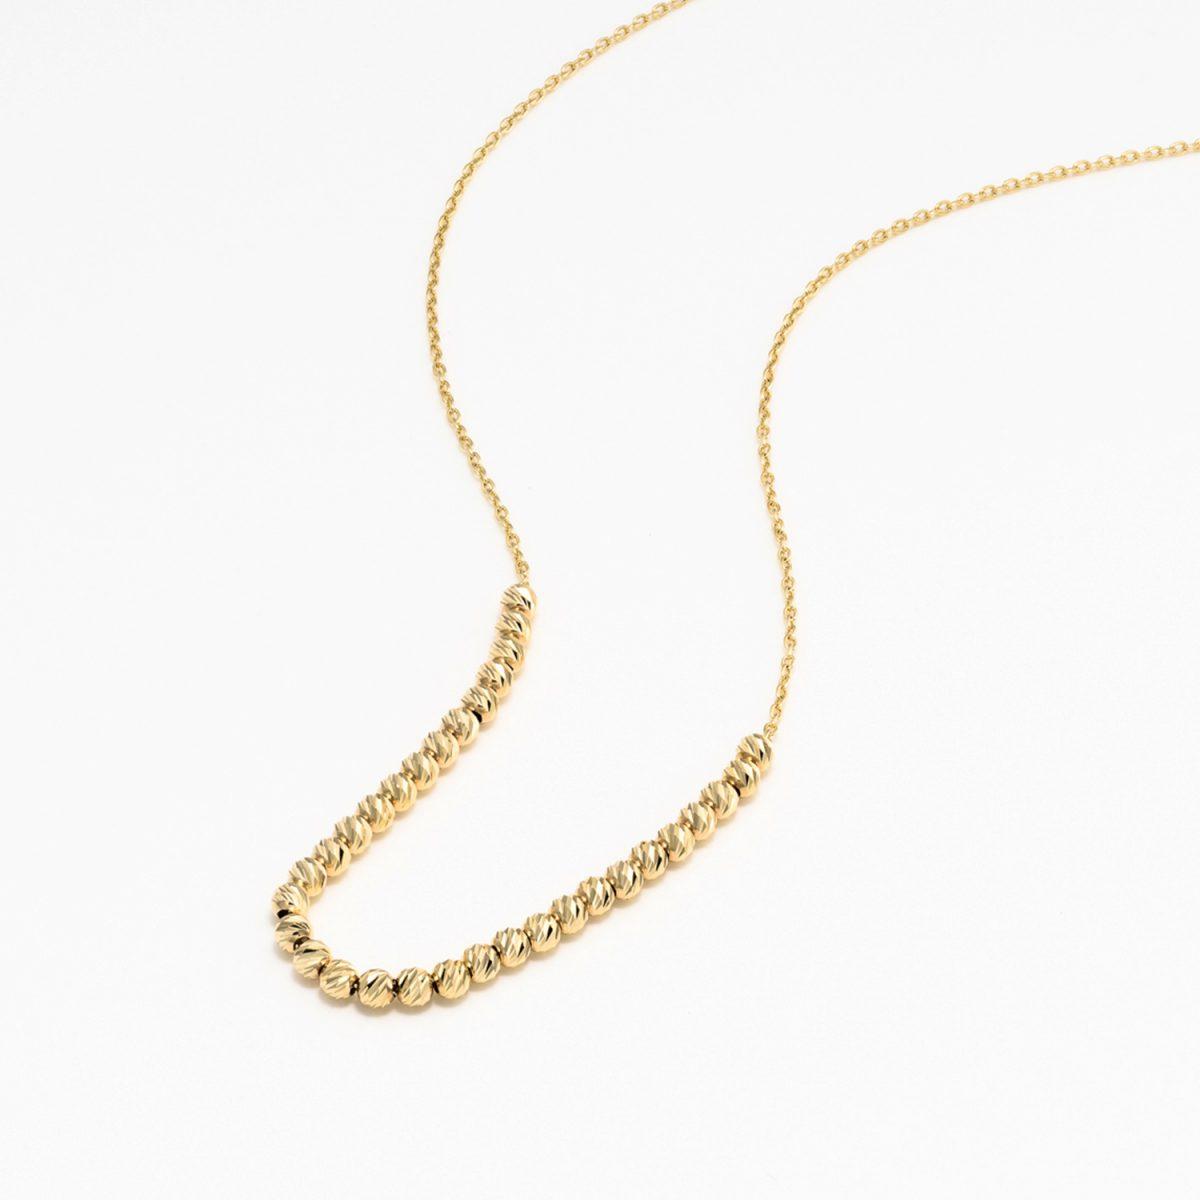 שרשרת זהב כדורים